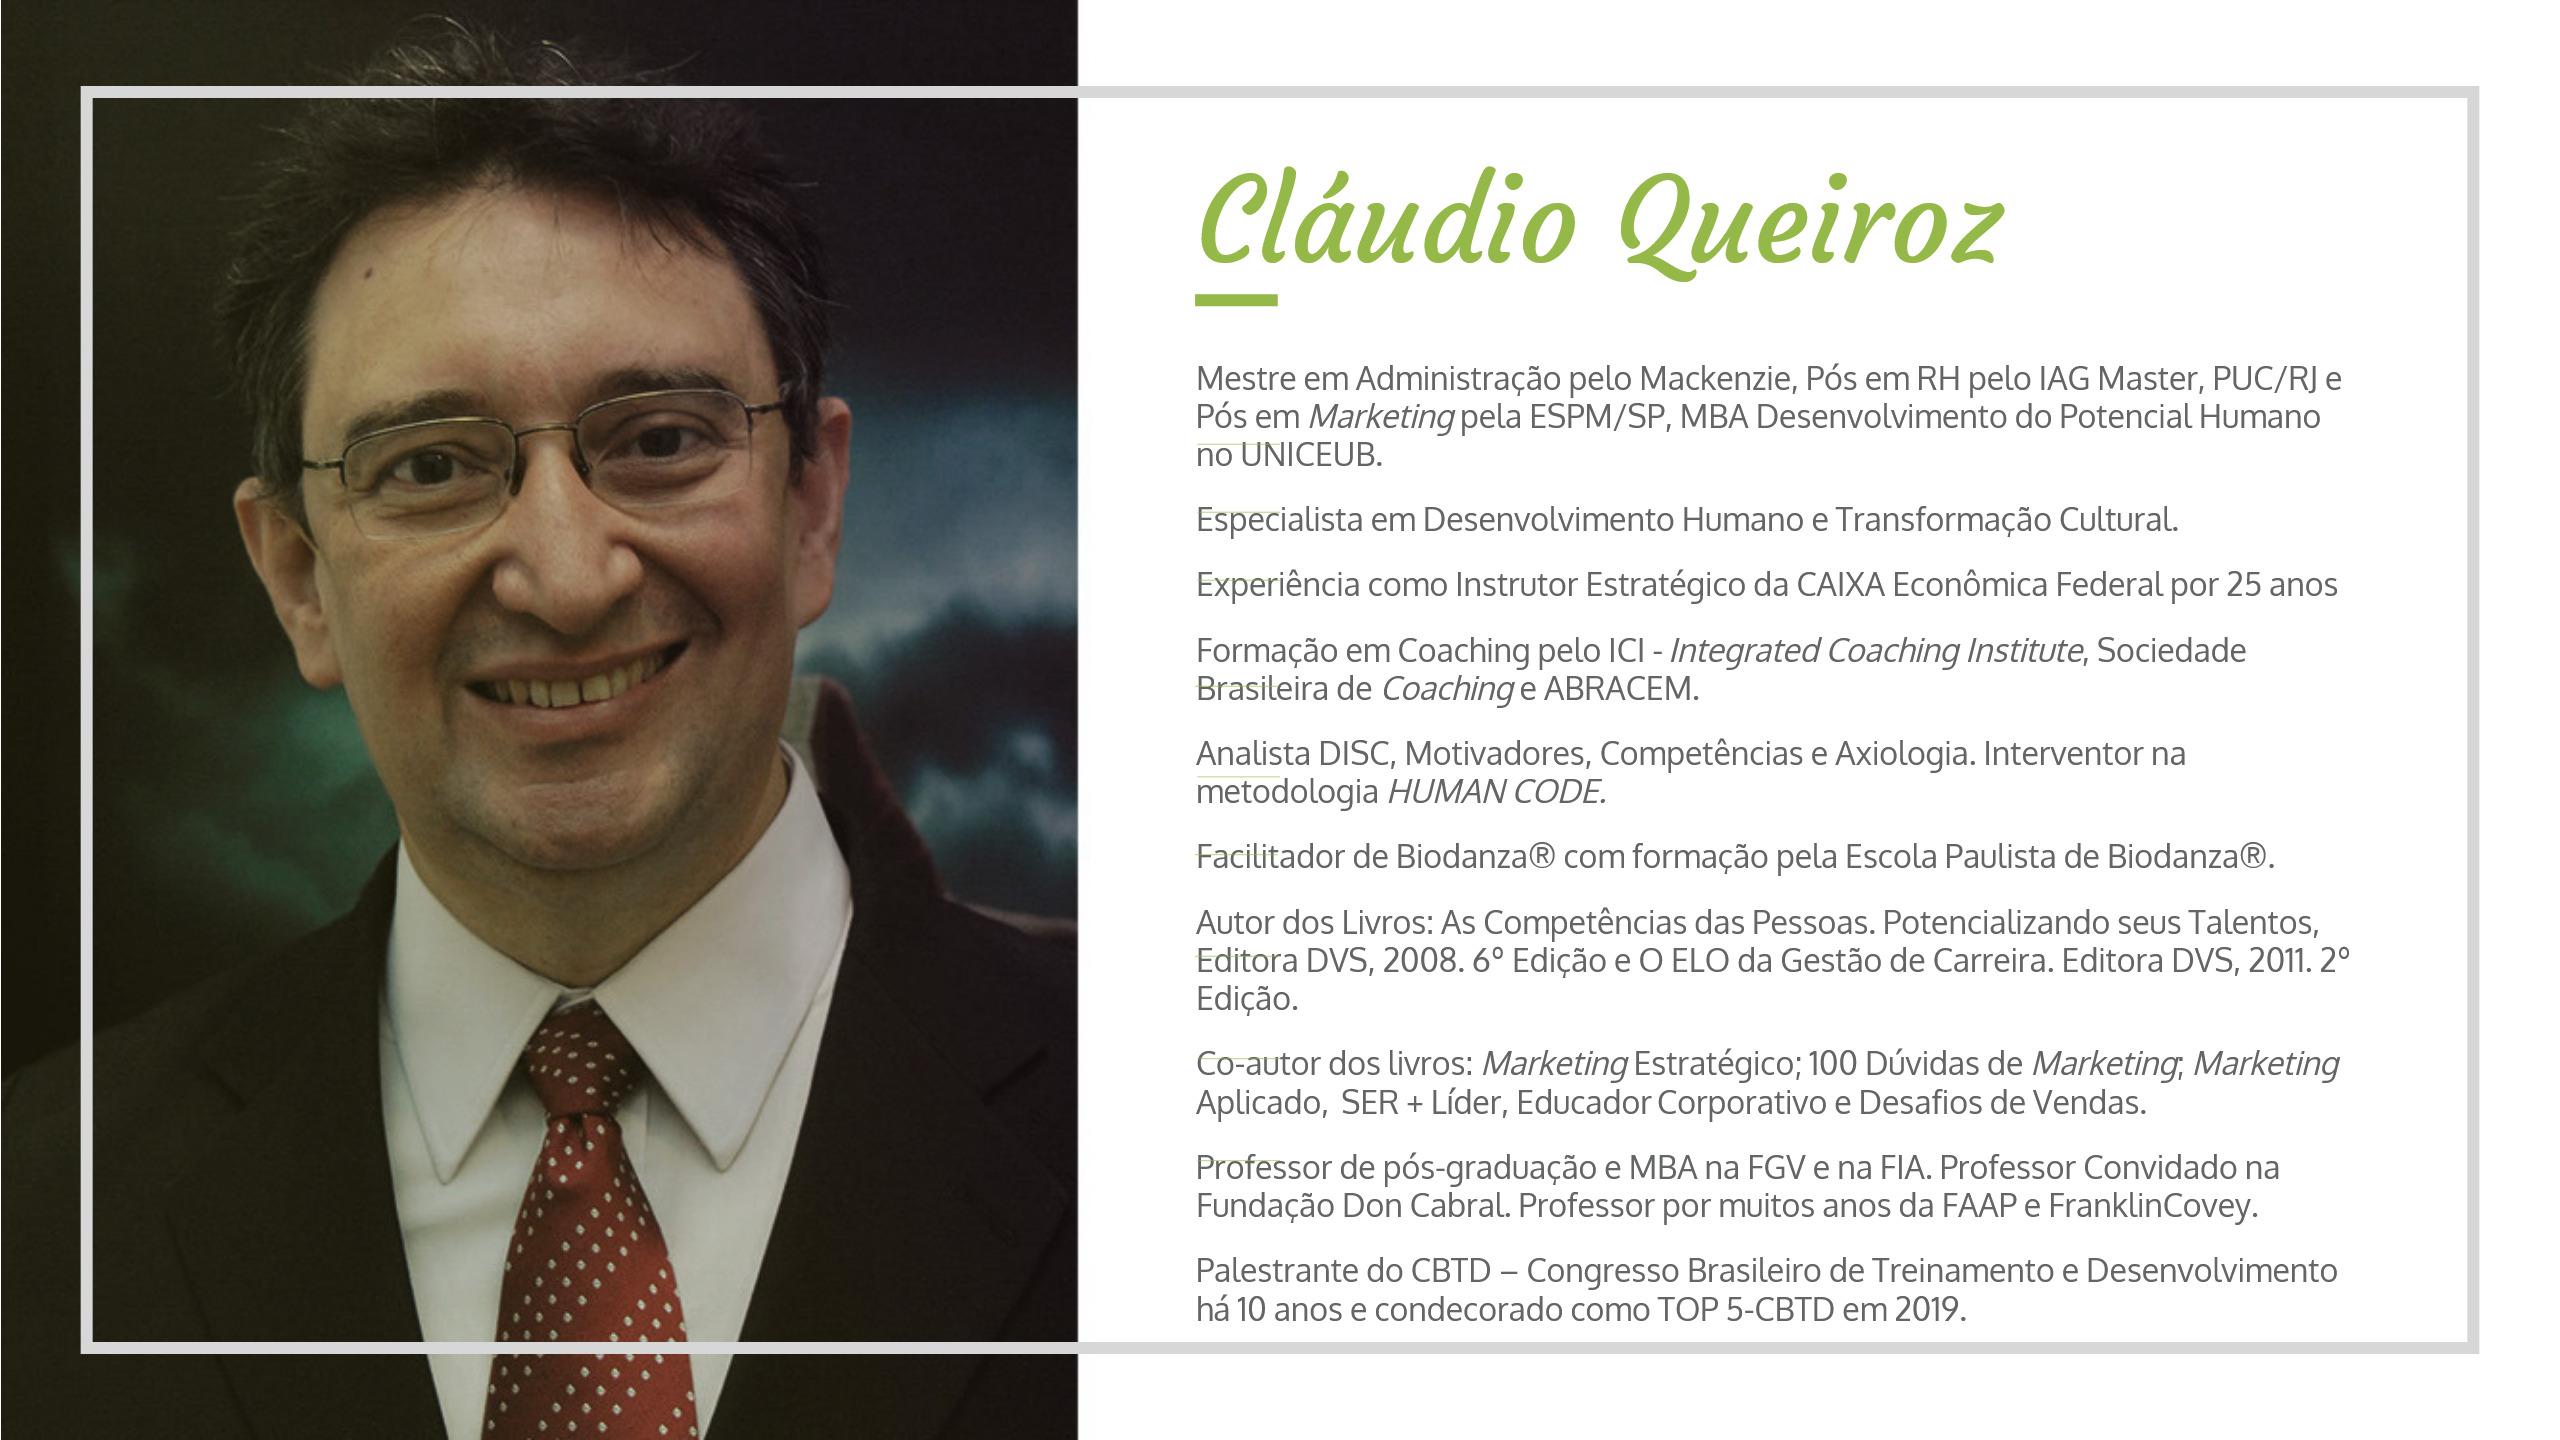 ClaudioQueiroz